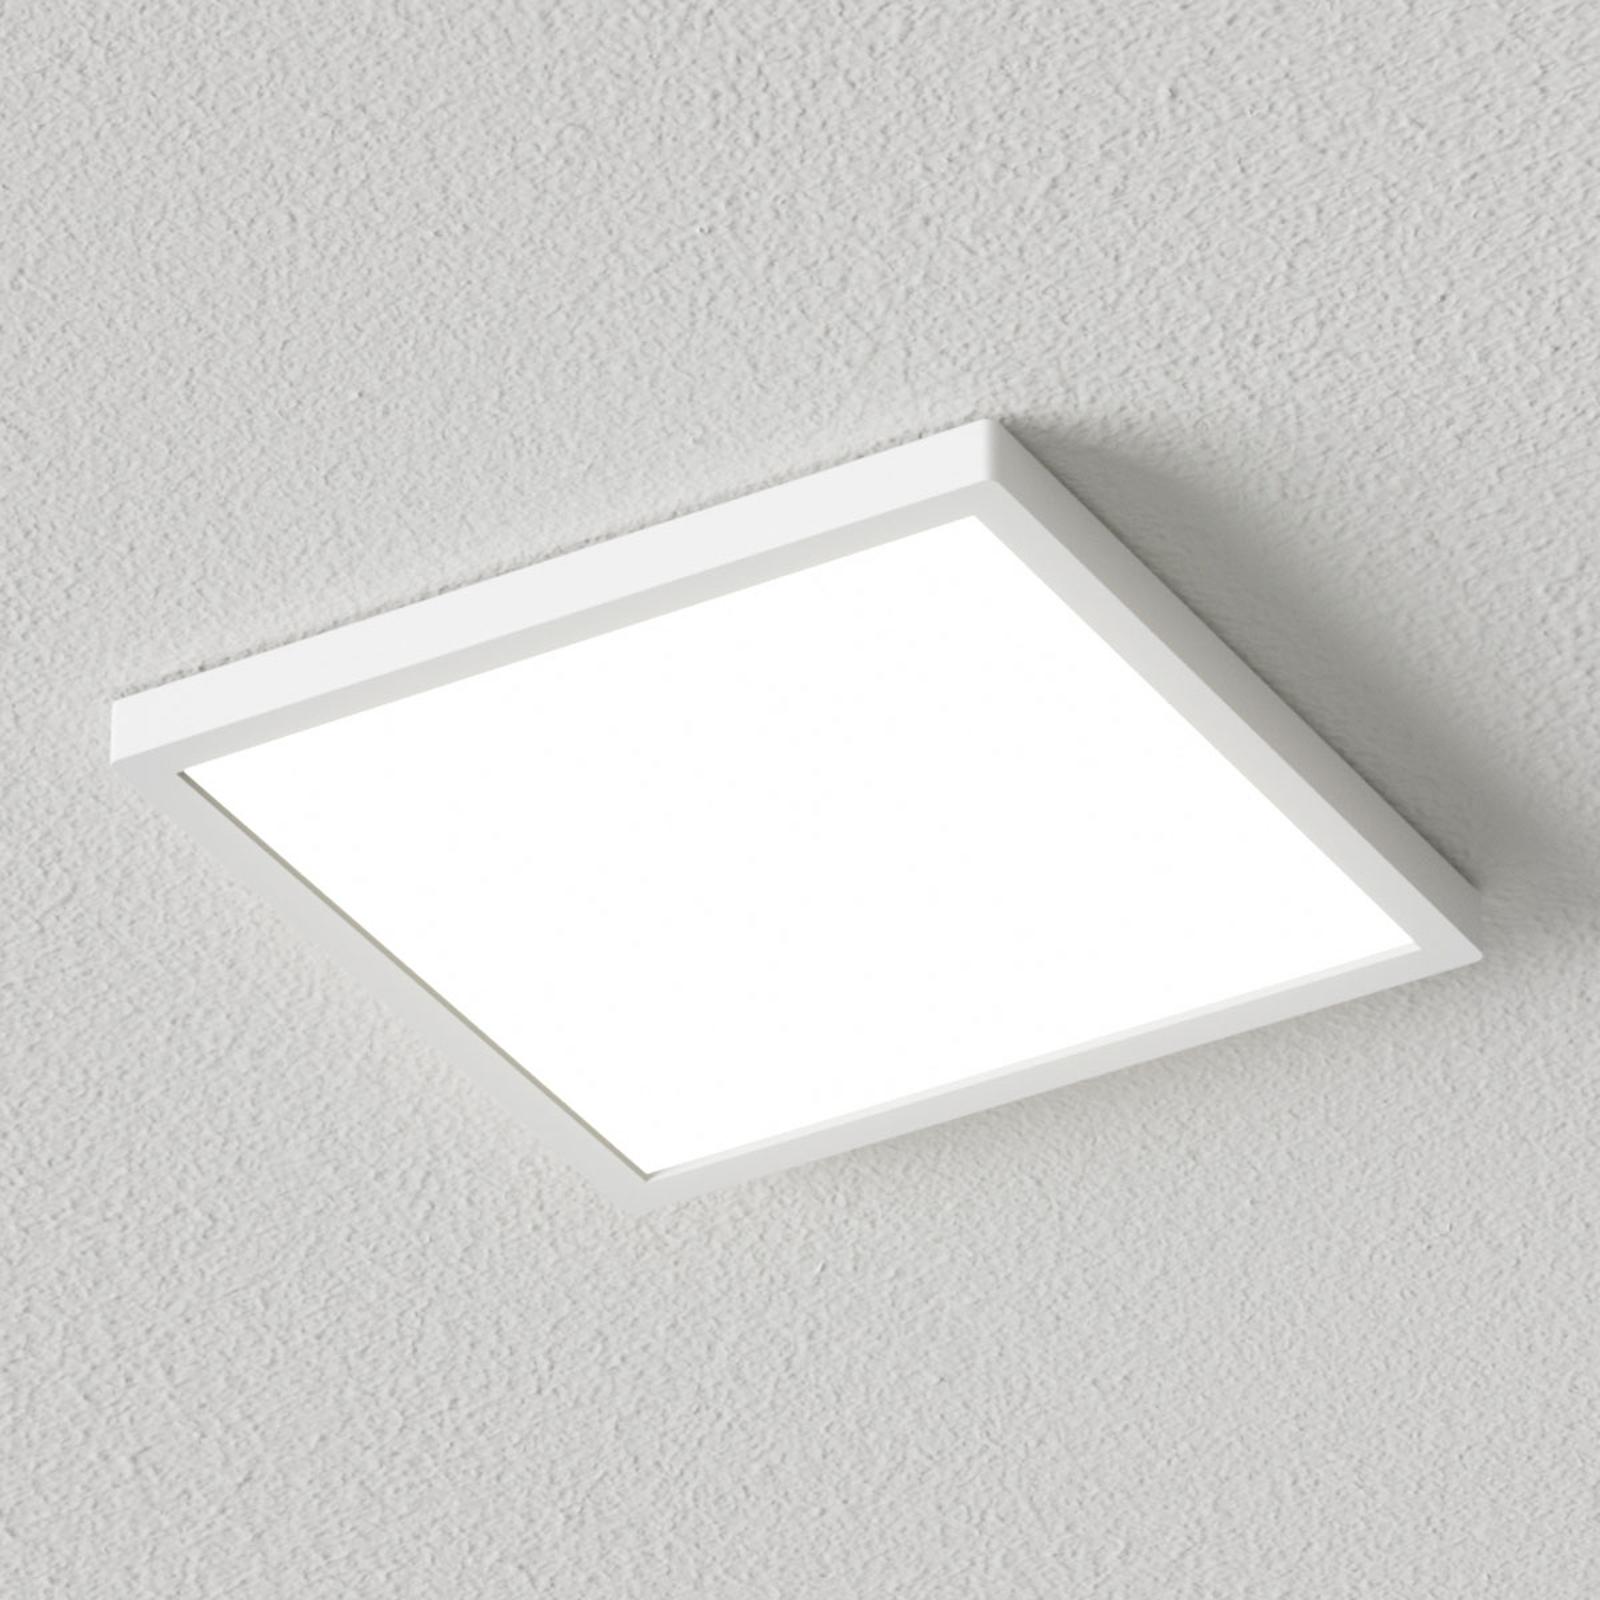 Hvit, firkantet LED-taklampe Solvie